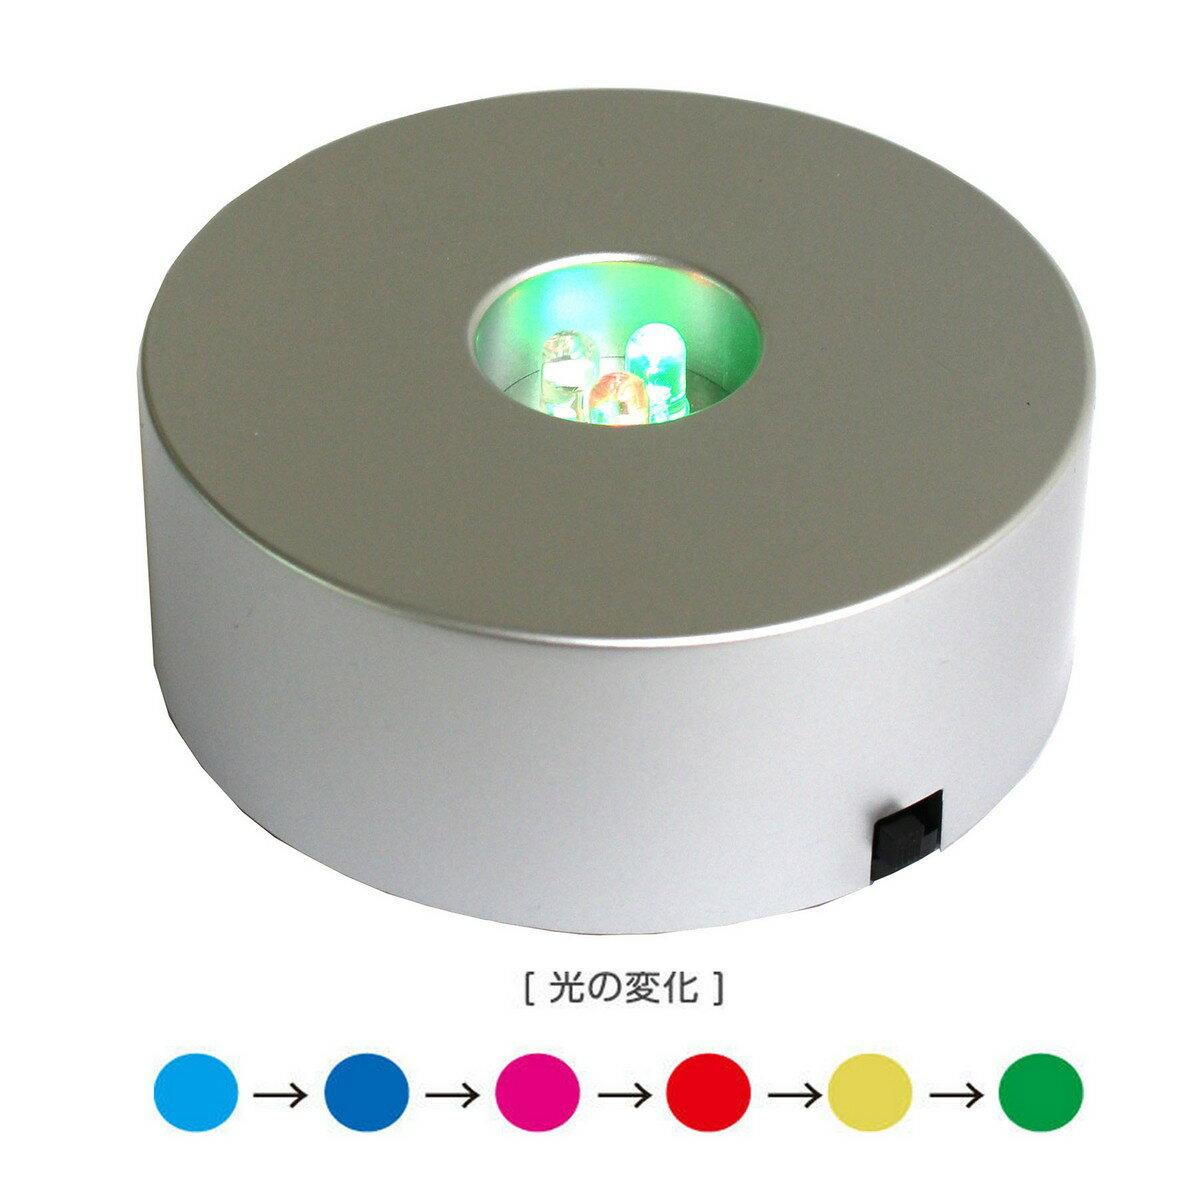 即日★パジコ/LEDライト 3灯丸型《ハーバリウム》/PDC101616【00】《花資材・道具 ハーバリウム材料 ハーバリウム オイル》